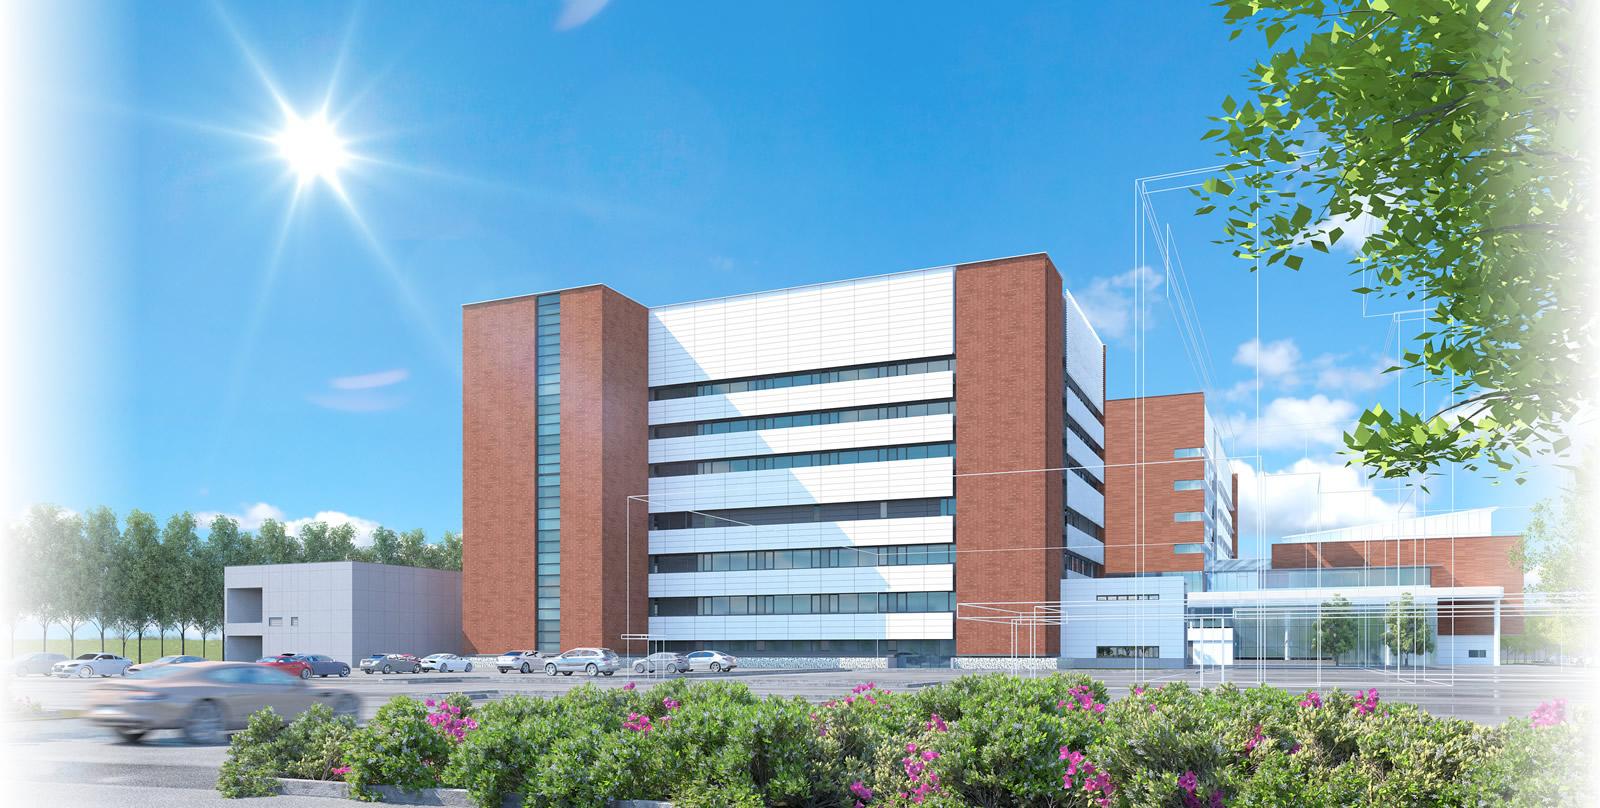 医科 薬科 大学 病院 東北